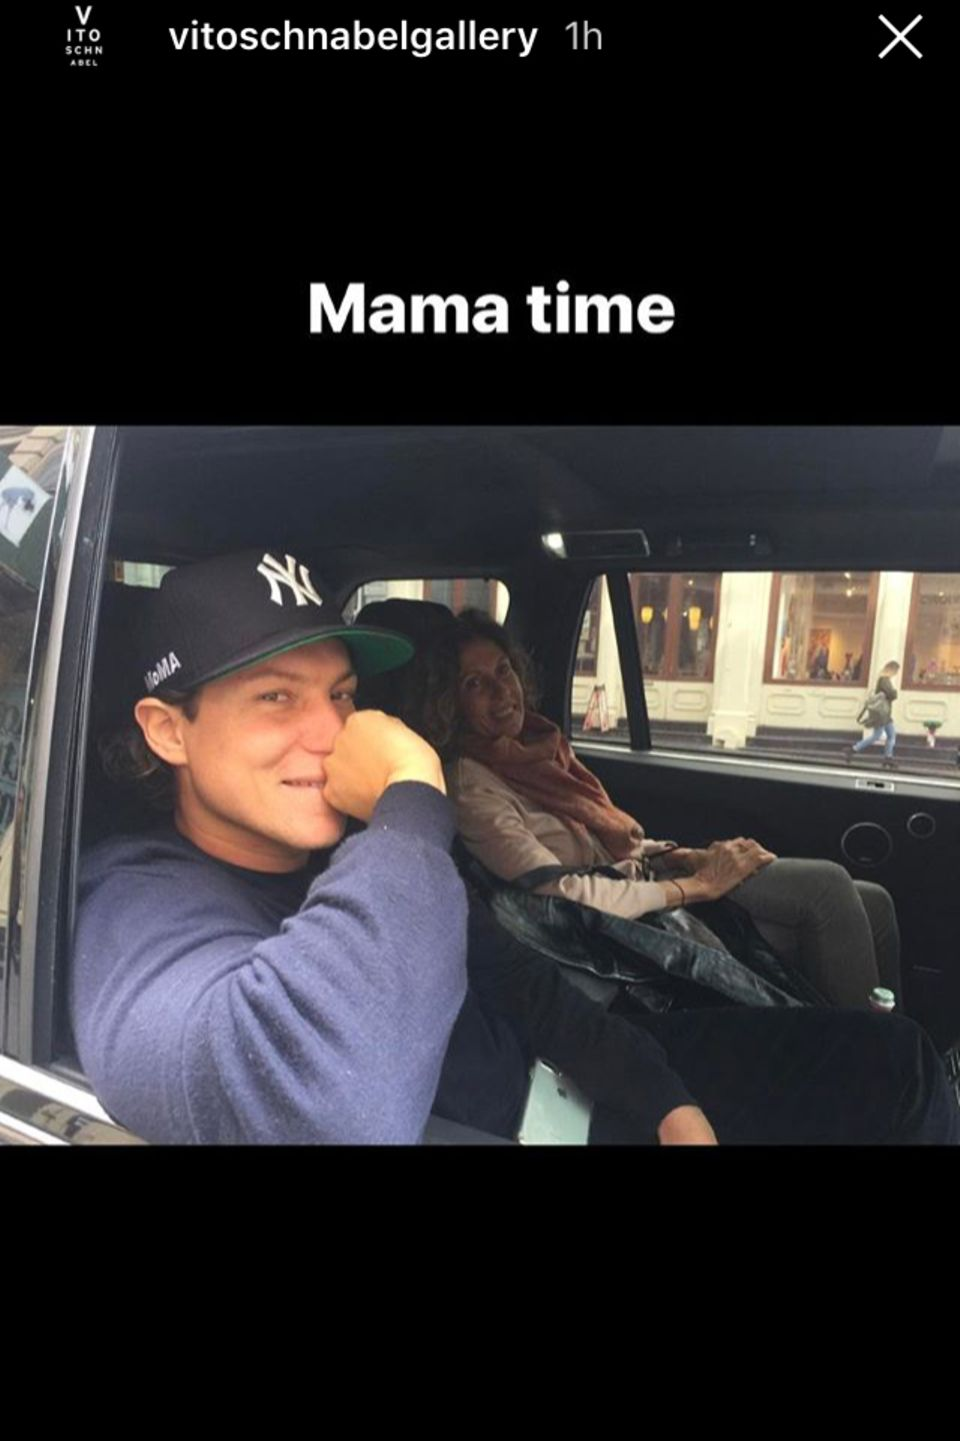 Vito Schnabel verbringt Zeit mit Mama Jacqueline